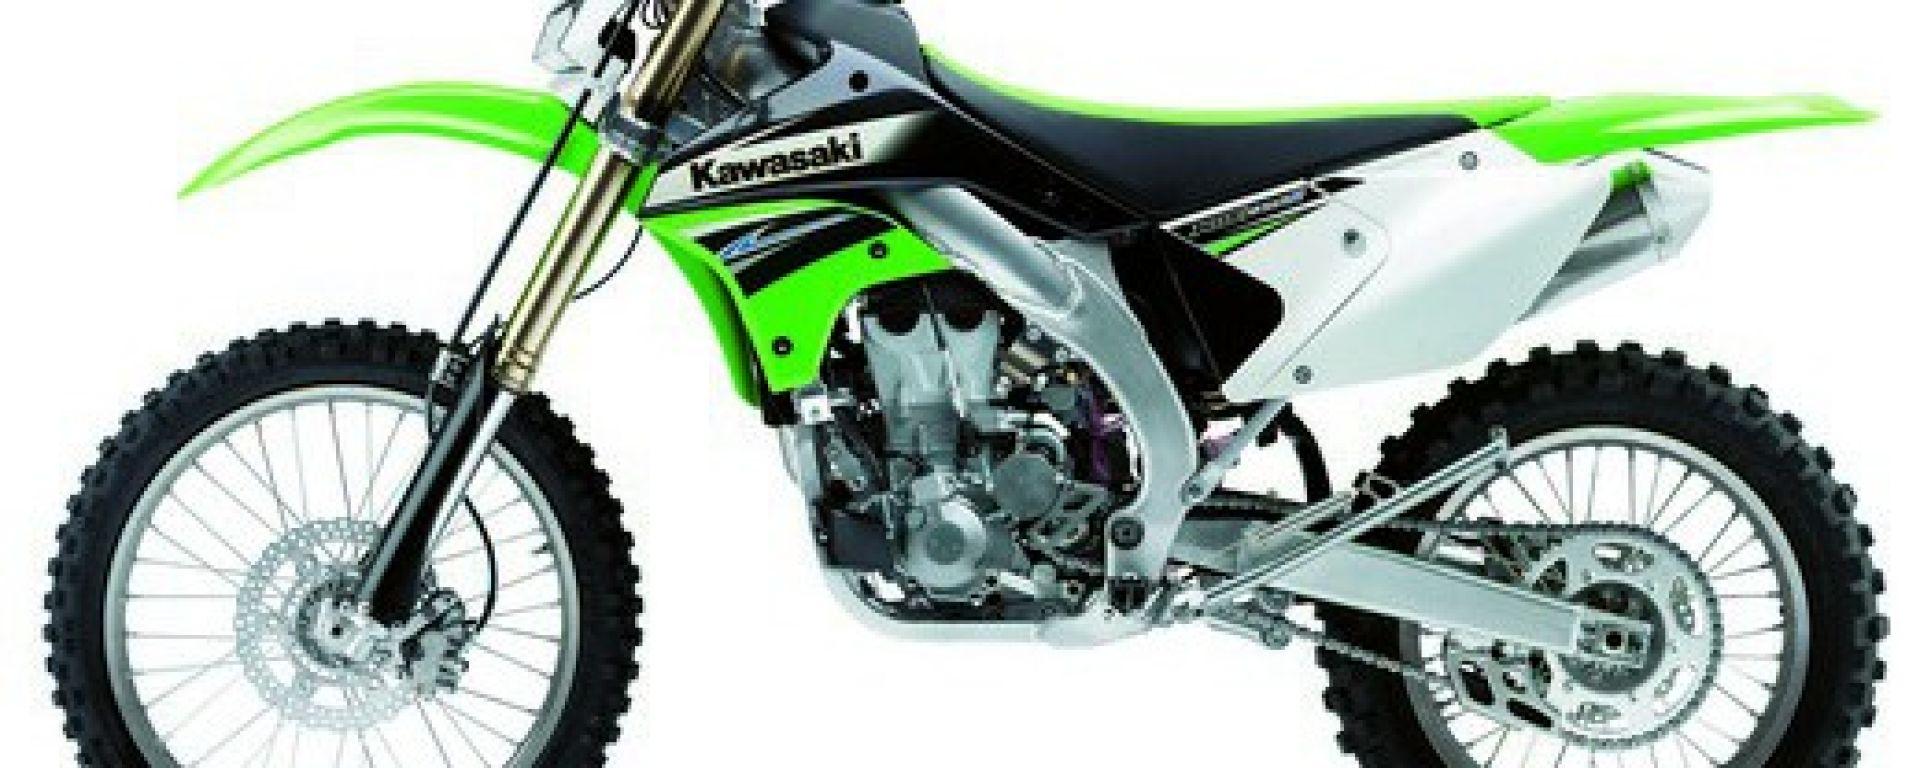 Kawasaki KLX 450 R 2011